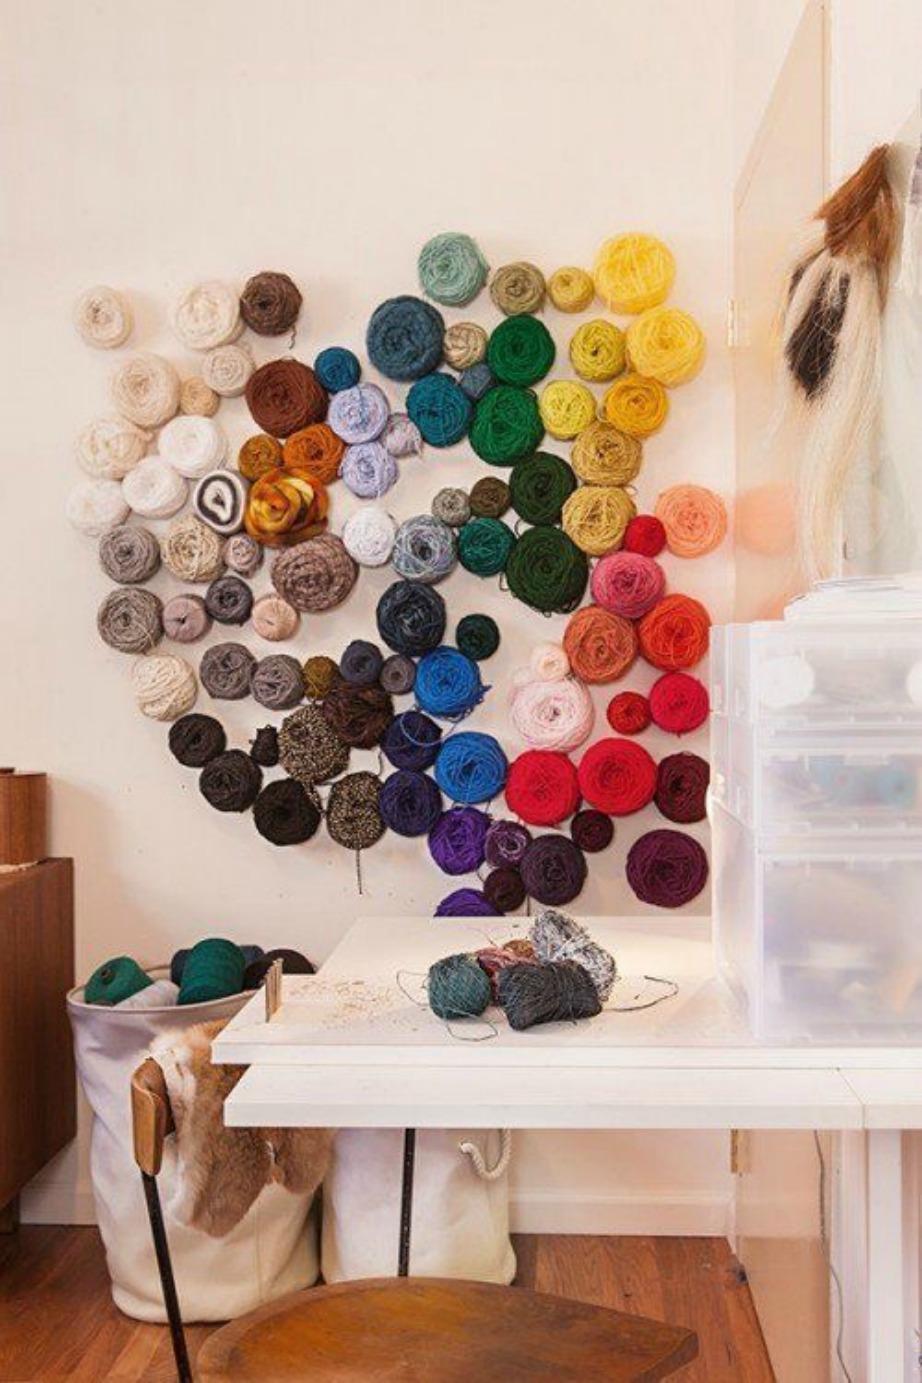 Είναι μια καλή λύση να ξεκινήσετε το πλέξιμο! Το μαλλιά πλεξίματος θα ζεστάνουν πολύ το χώρο σας.